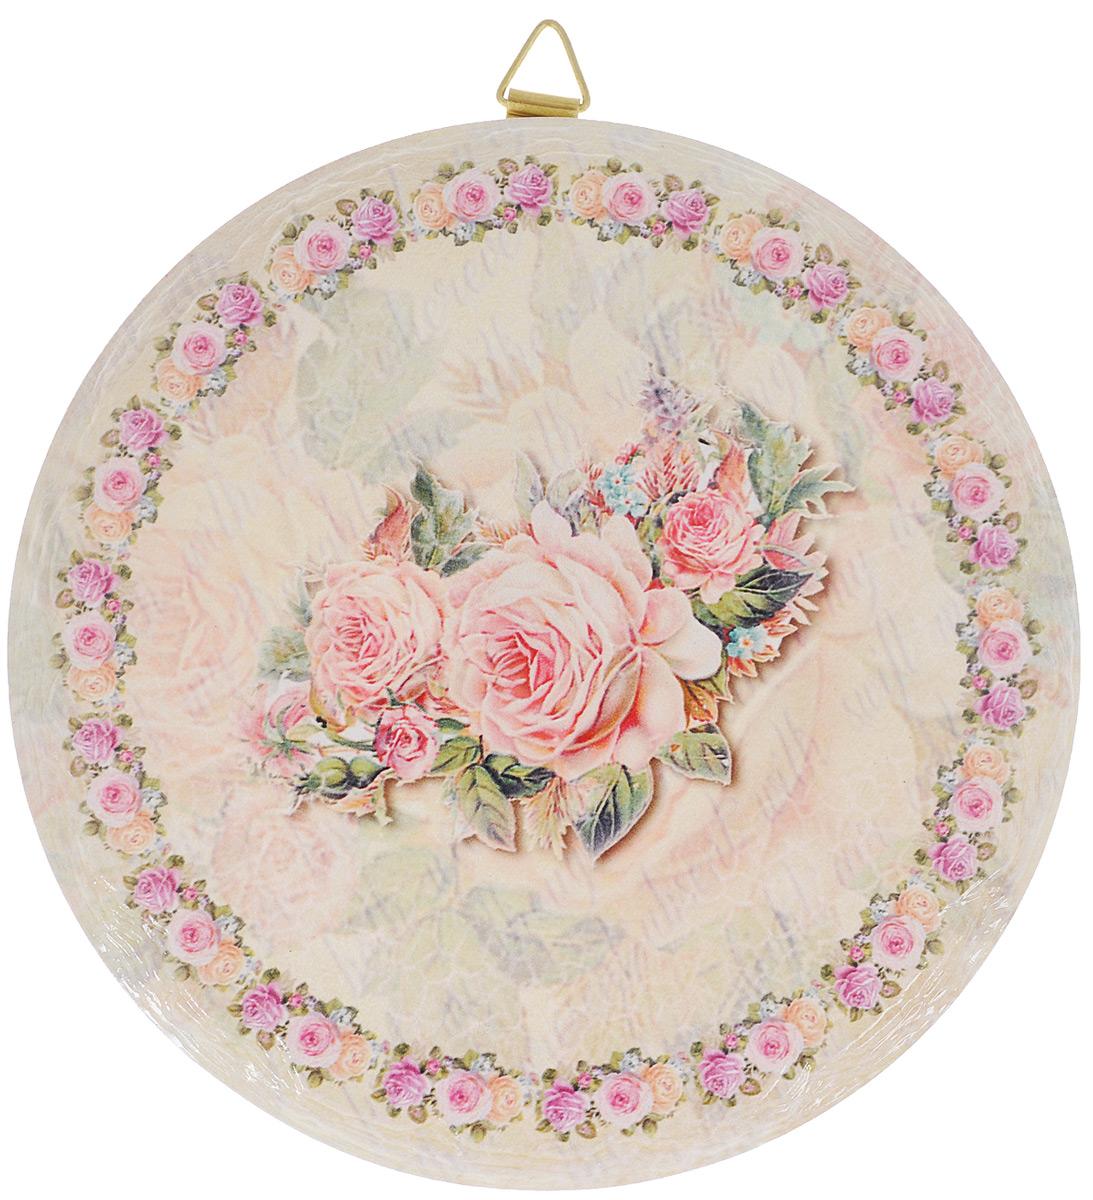 Подставка под горячее GiftnHome Фамильная Роза, диаметр 16 смR16-РозаКруглая подставка под горячее GiftnHome Фамильная Роза выполнена из высококачественной керамики. Изделие, украшенное изящным цветочным изображением, идеально впишется в интерьер современной кухни. Специальное пробковое основание подставки защитит вашу мебель от царапин. Подставка имеет металлическую петельку, за которую ее можно повесить в любое удобное место. Изделие не боится высоких температур и легко чистится от пятен и жира. Каждая хозяйка знает, что подставка под горячее - это незаменимый и очень полезный аксессуар на каждой кухне. Ваш стол будет не только украшен оригинальной подставкой с красивым рисунком, но и сбережен от воздействия высоких температур ваших кулинарных шедевров. Нельзя мыть в посудомоечной машине.